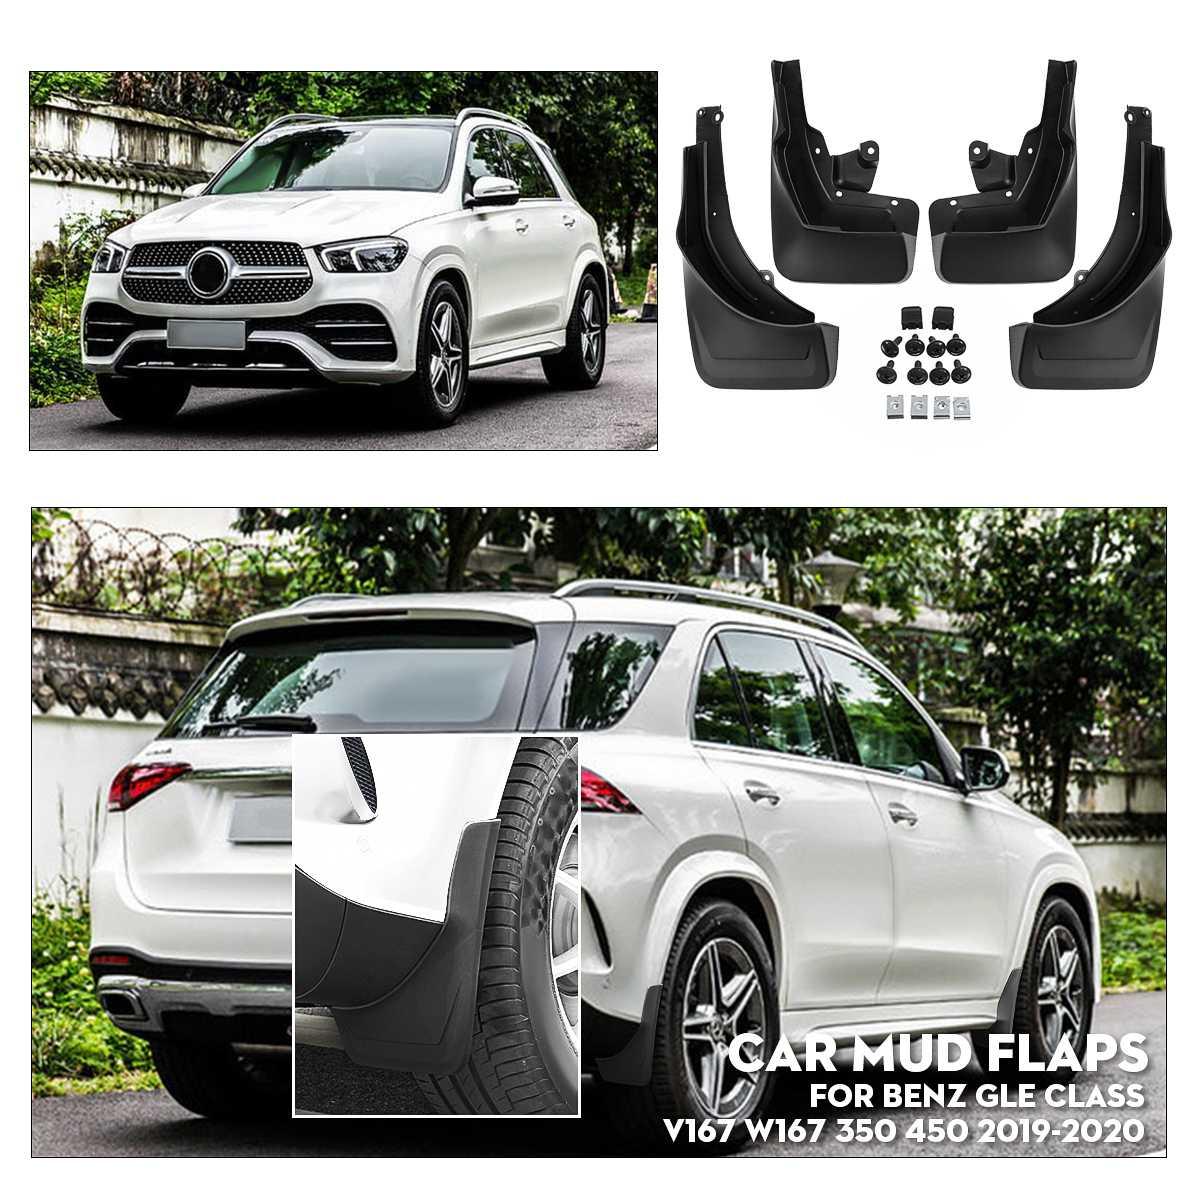 Garde-boue de voiture pour garde-boue garde-boue garde-boue pour Mercedes/Benz GLE classe V167 W167 350 450 2019-2020